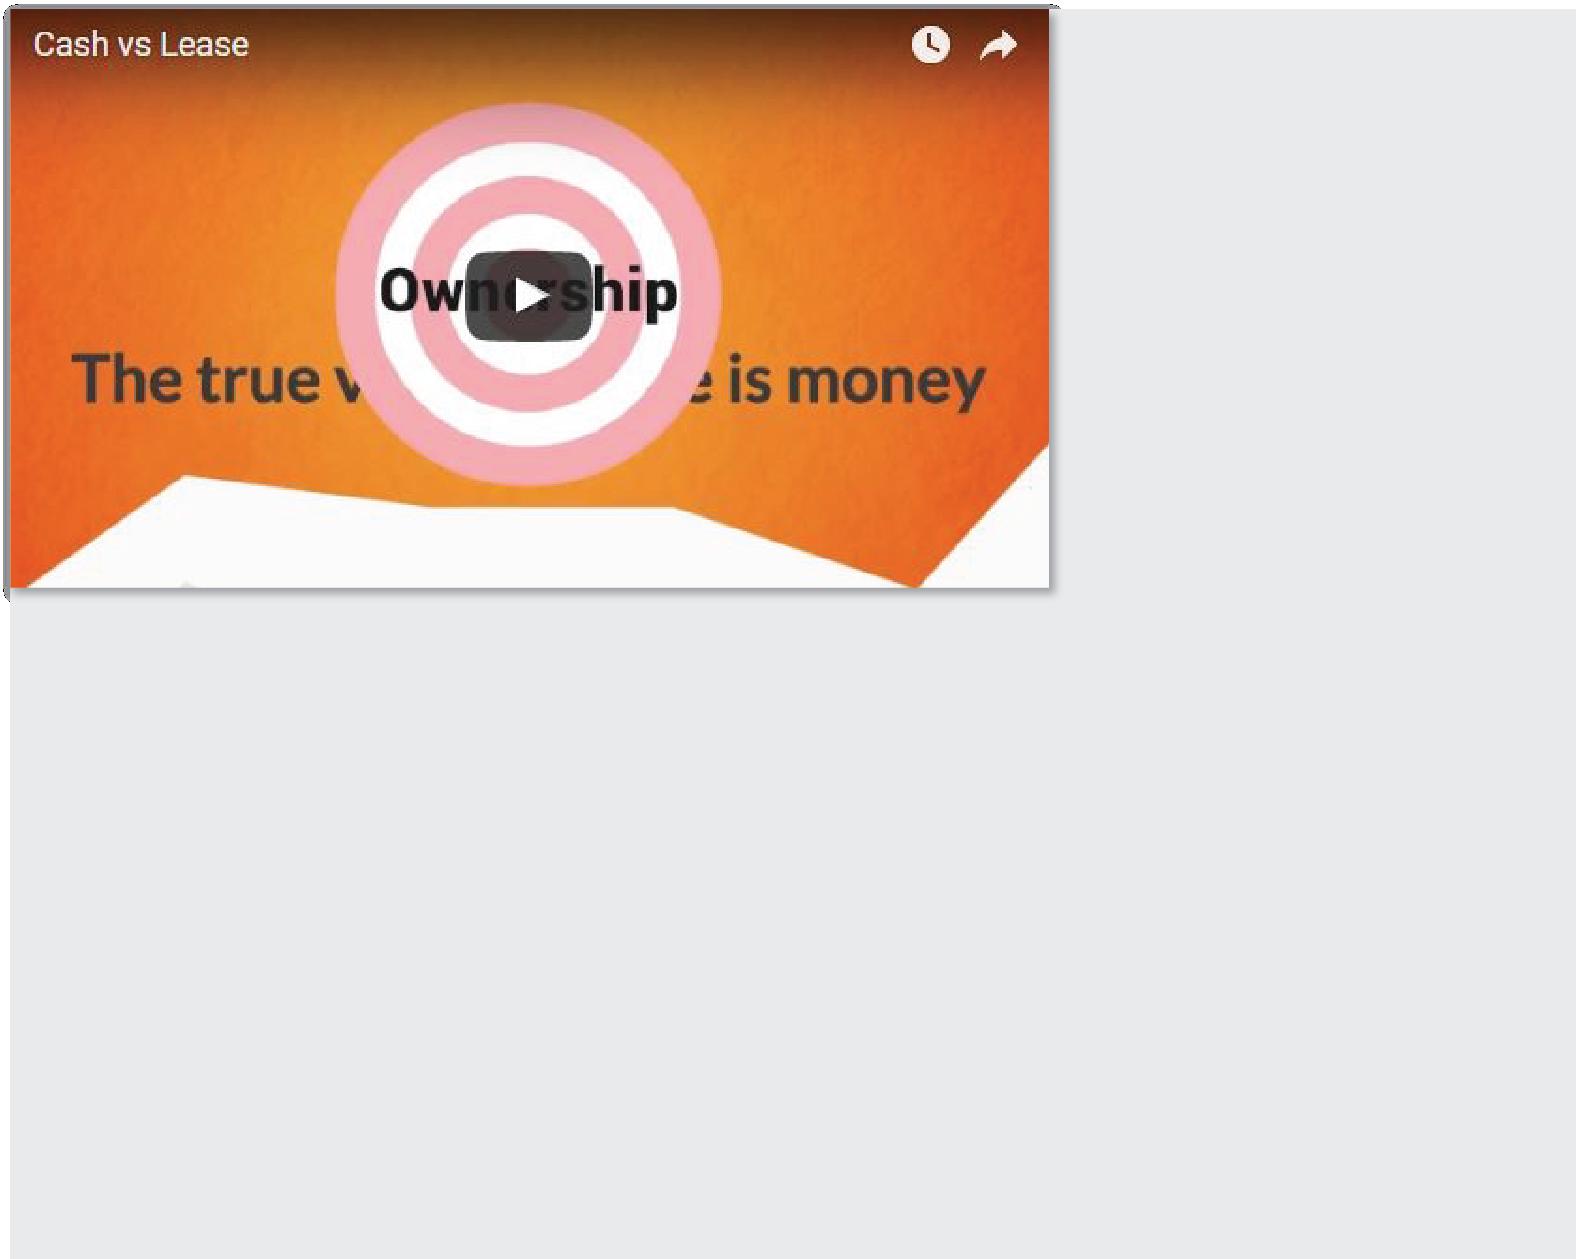 Cash vs Lease Video.png